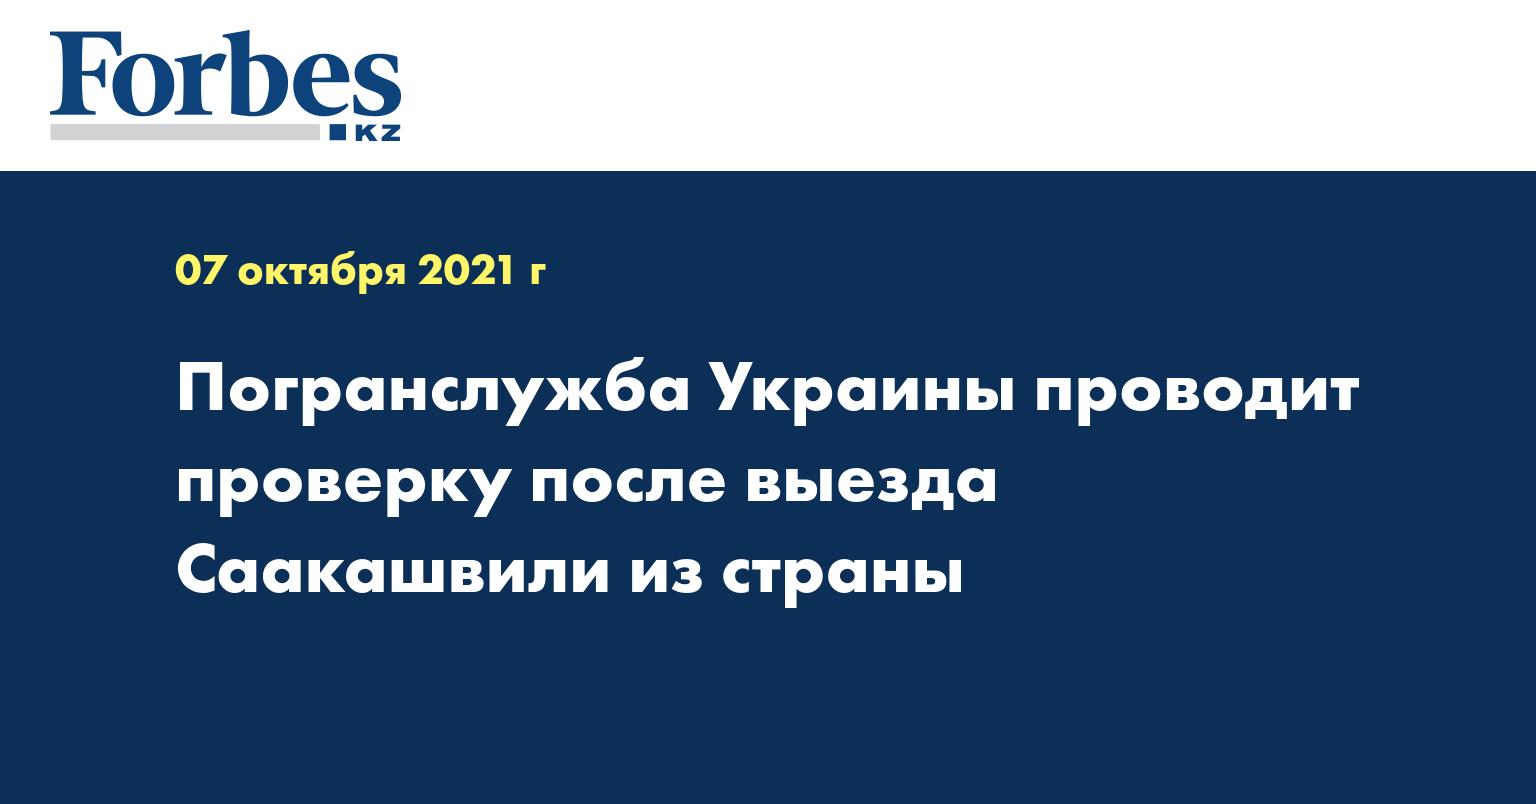 Погранслужба Украины проводит проверку после выезда Саакашвили из страны